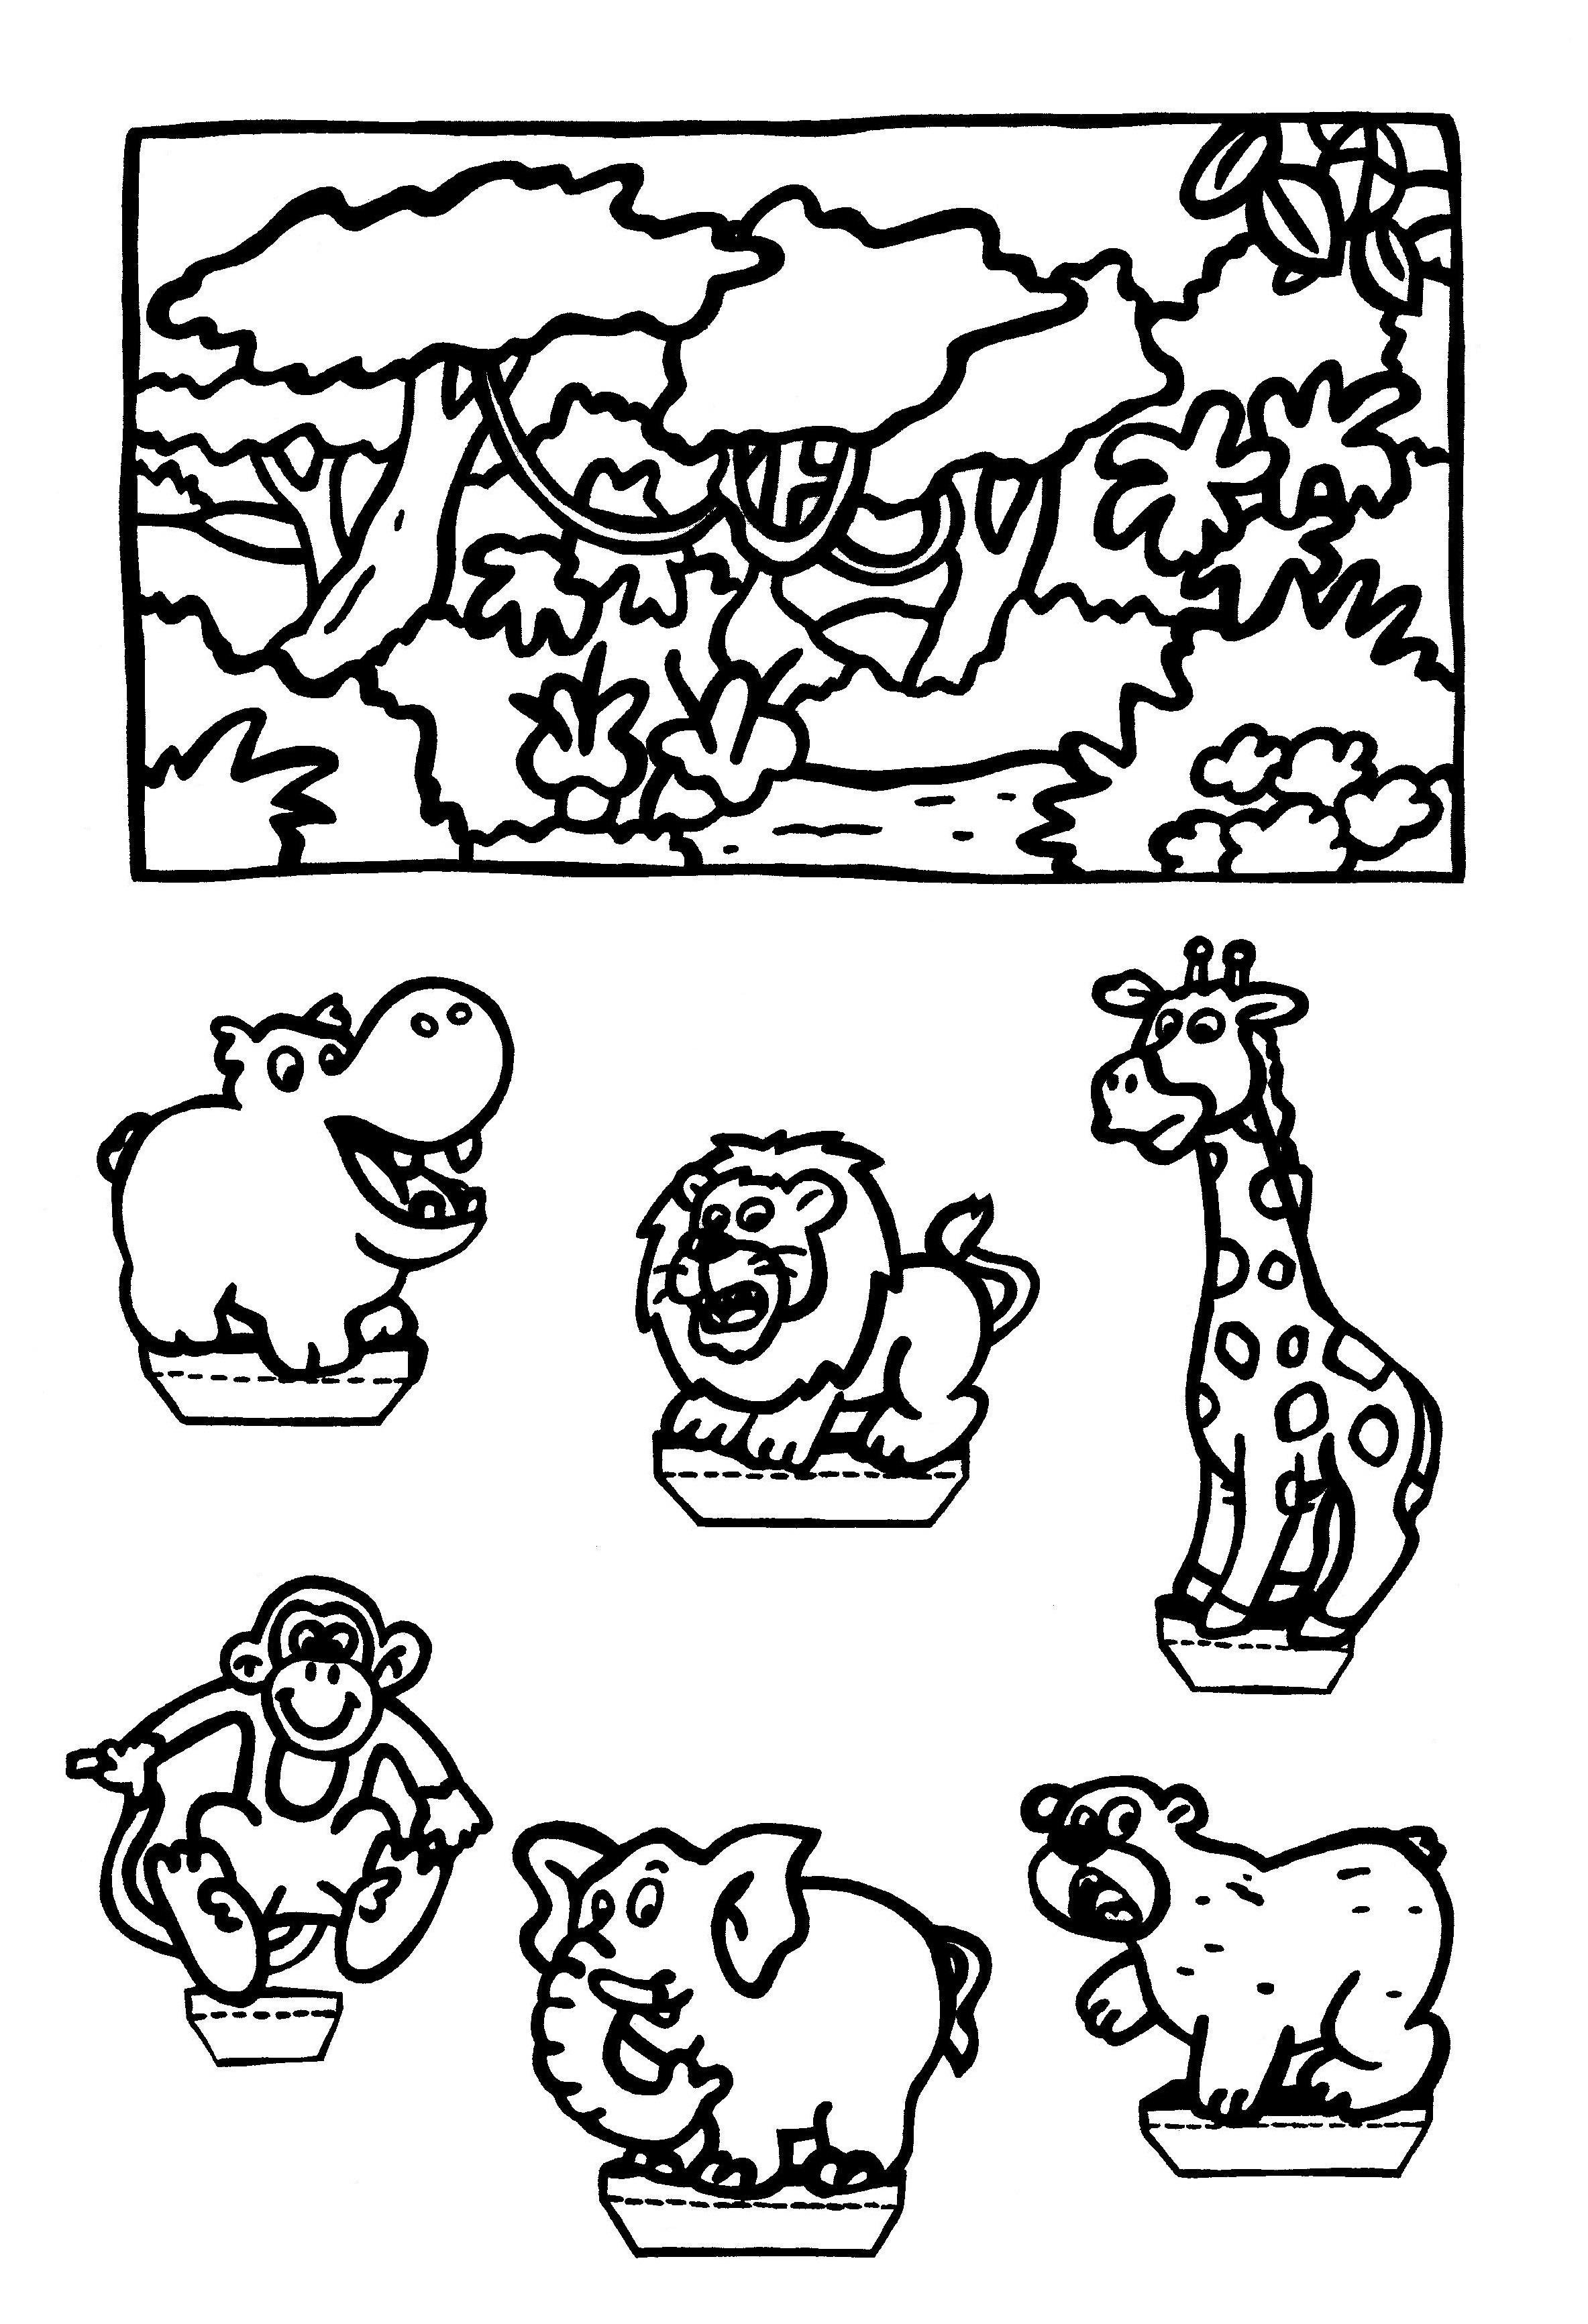 Kleurplaten Thema Dieren.Kleurplaten Thema Dieren Kleurplaten Creatief Met Kinderen